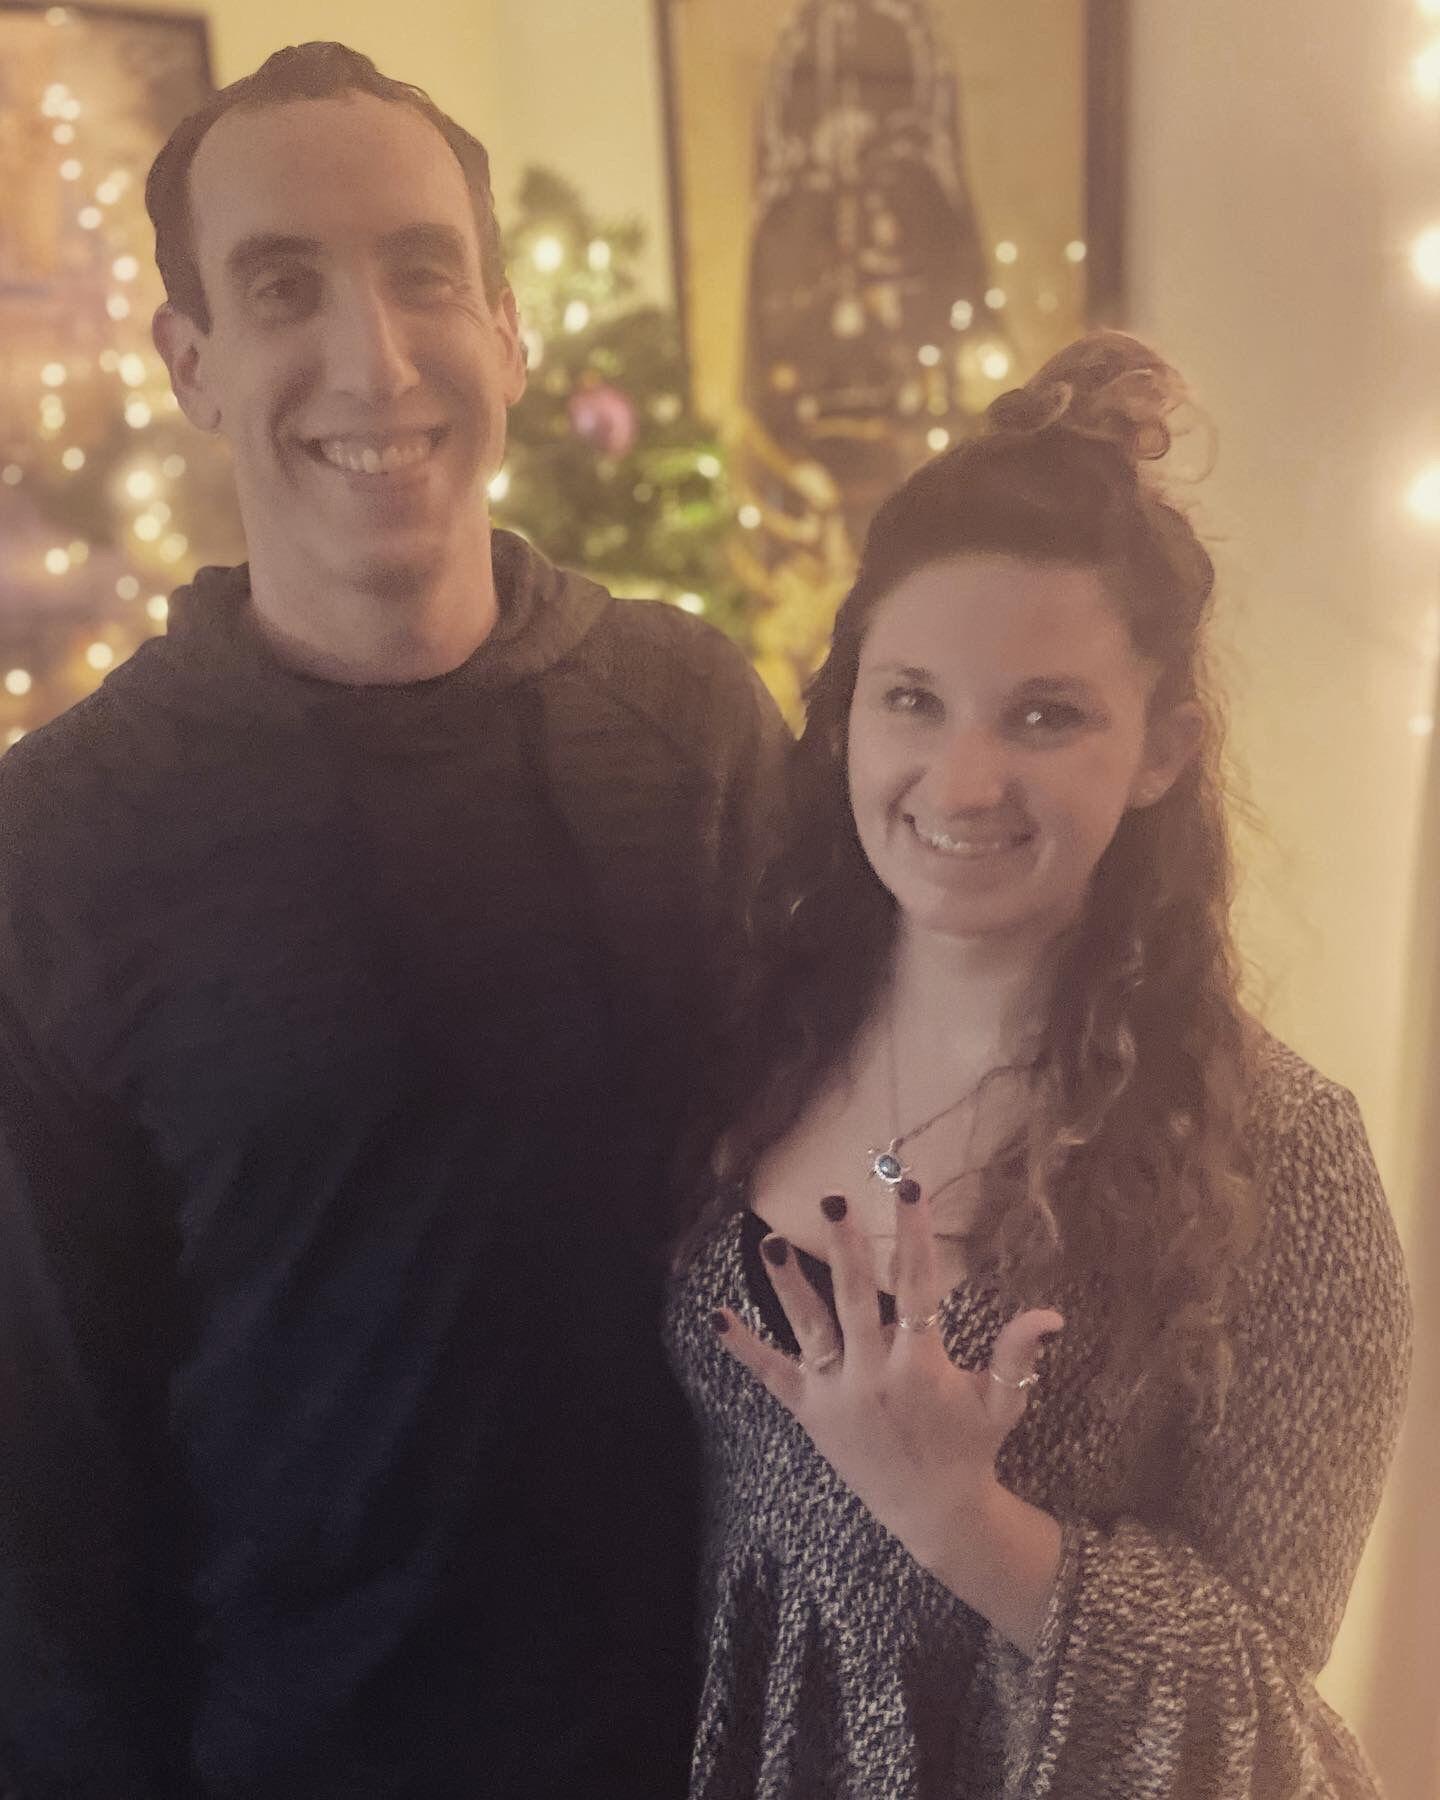 Image 1 of Danielle and Brett